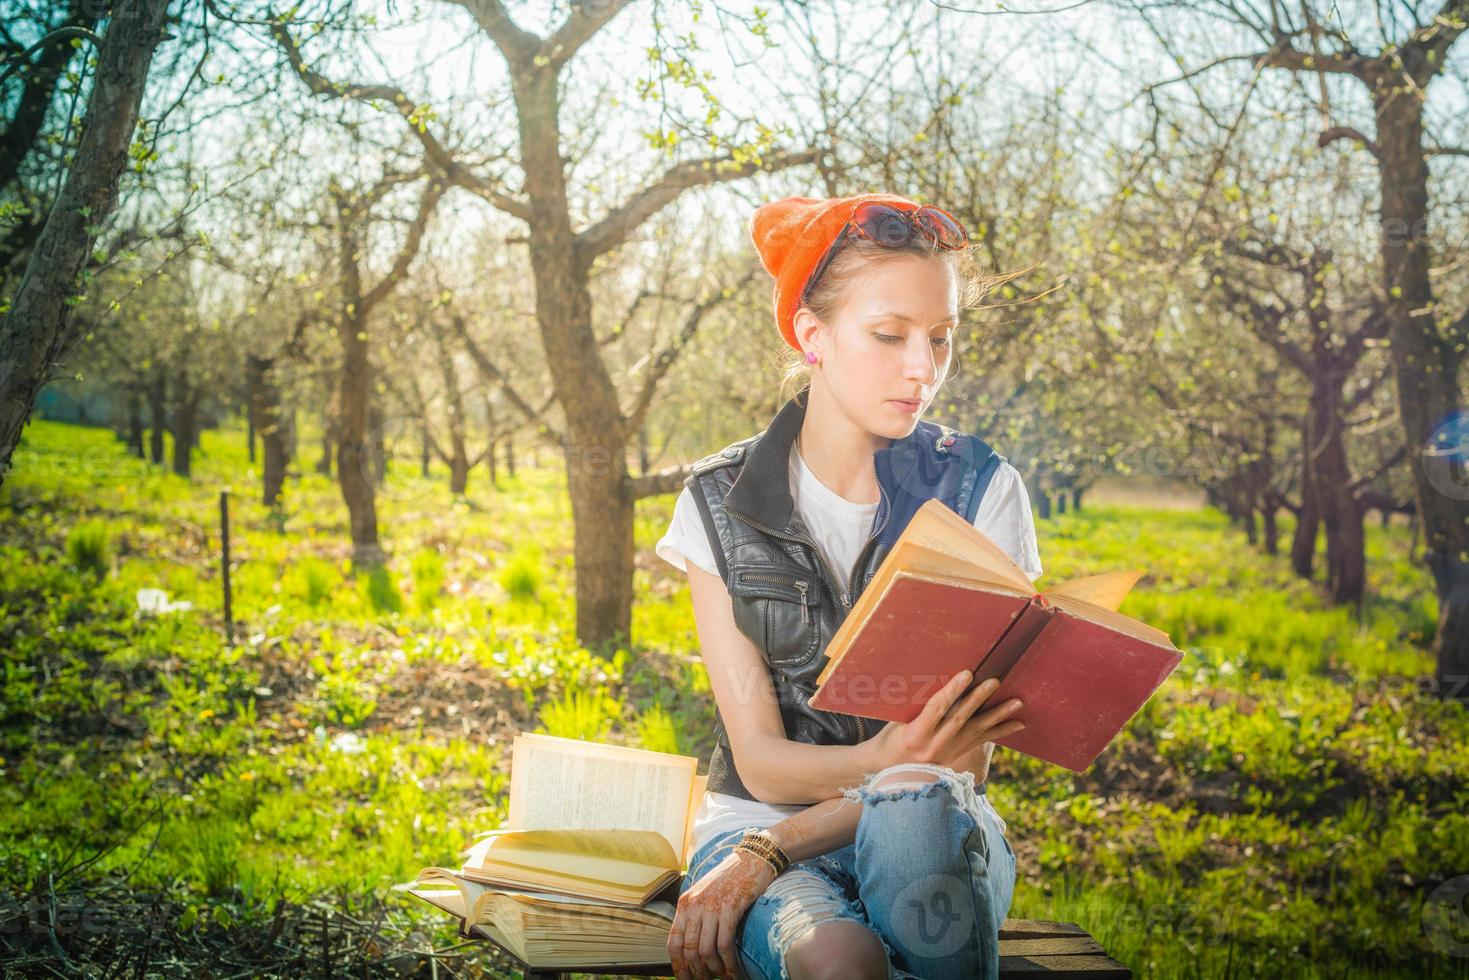 Frau im Park im Freien mit Tablette und Buch entscheiden, was foto